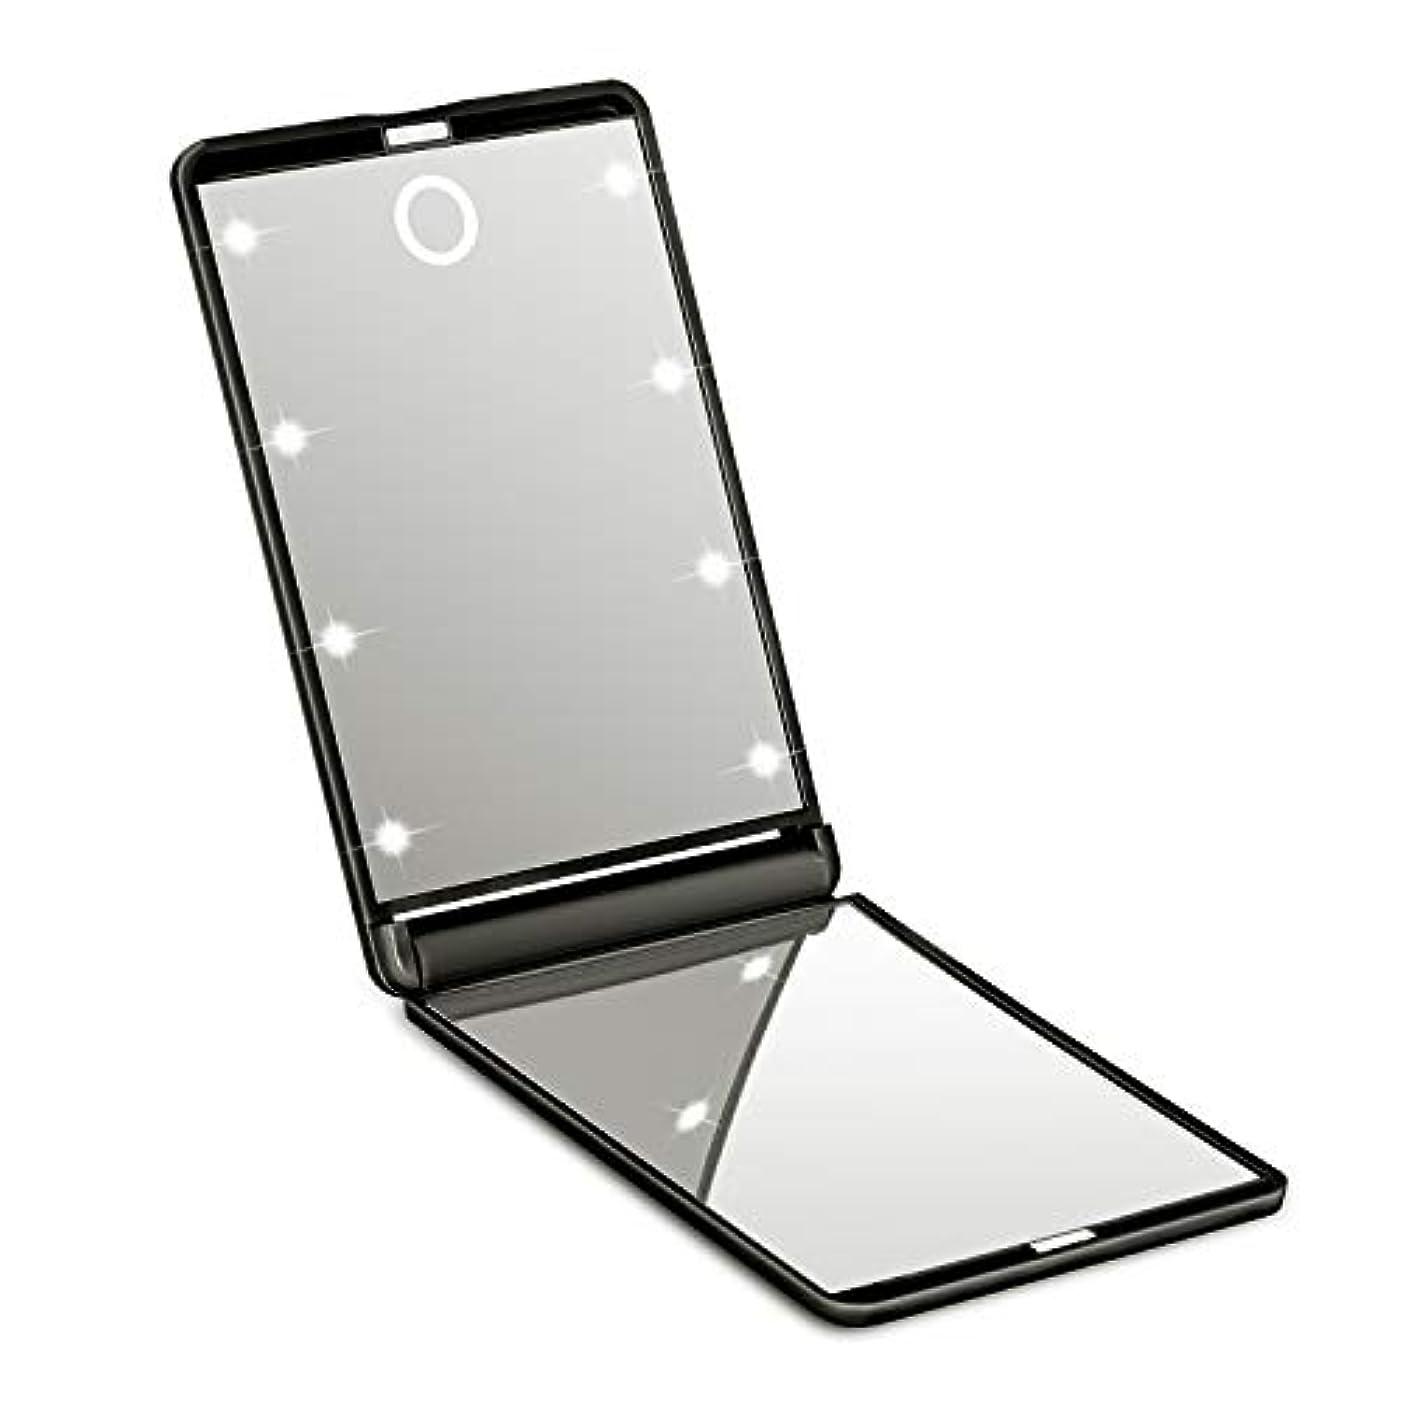 ラショナルで出来ている付与【2019新版】SOTCAR 化粧鏡 ledミラー 8灯 折りたたみ式 コンパクト 化粧ミラー 女優ミラー 拡大鏡付き手鏡 携帯型 持ち運び便利 可能なスタンドミラー2倍拡大鏡付 明るさ調節可能 (ブラック)